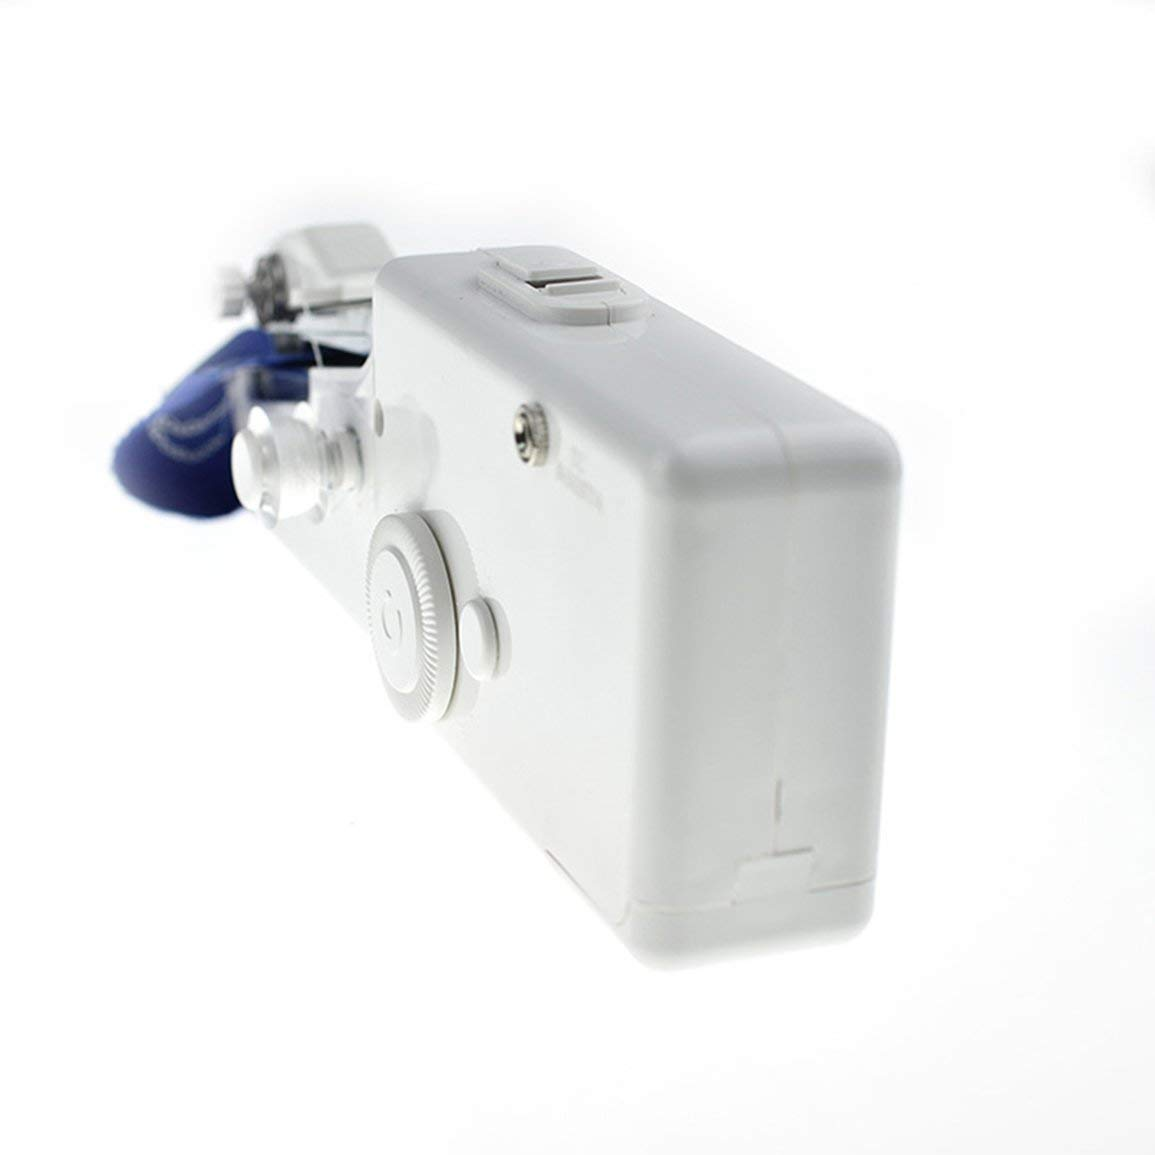 Nähen Fantasyworld Mini tragbare elektrische Handnähmaschine batteriebetriebenes Handy-Stitching Kleidung Nähen Werkzeug für Reisen Home Use Nähen